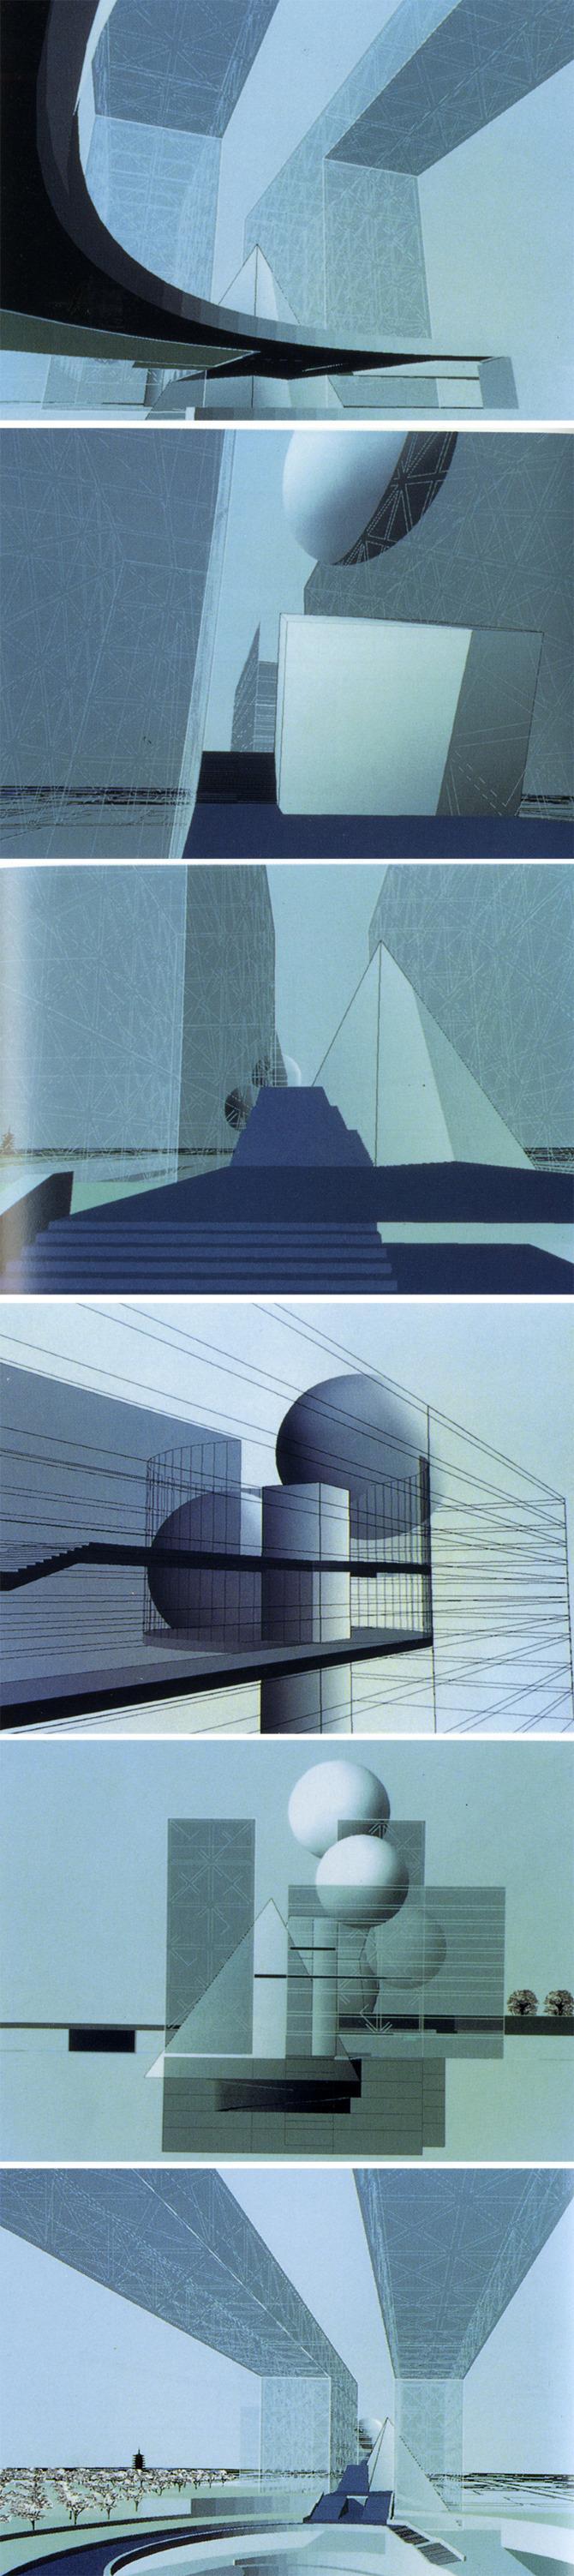 Tadao Ando. SD 333 June 1992, 20